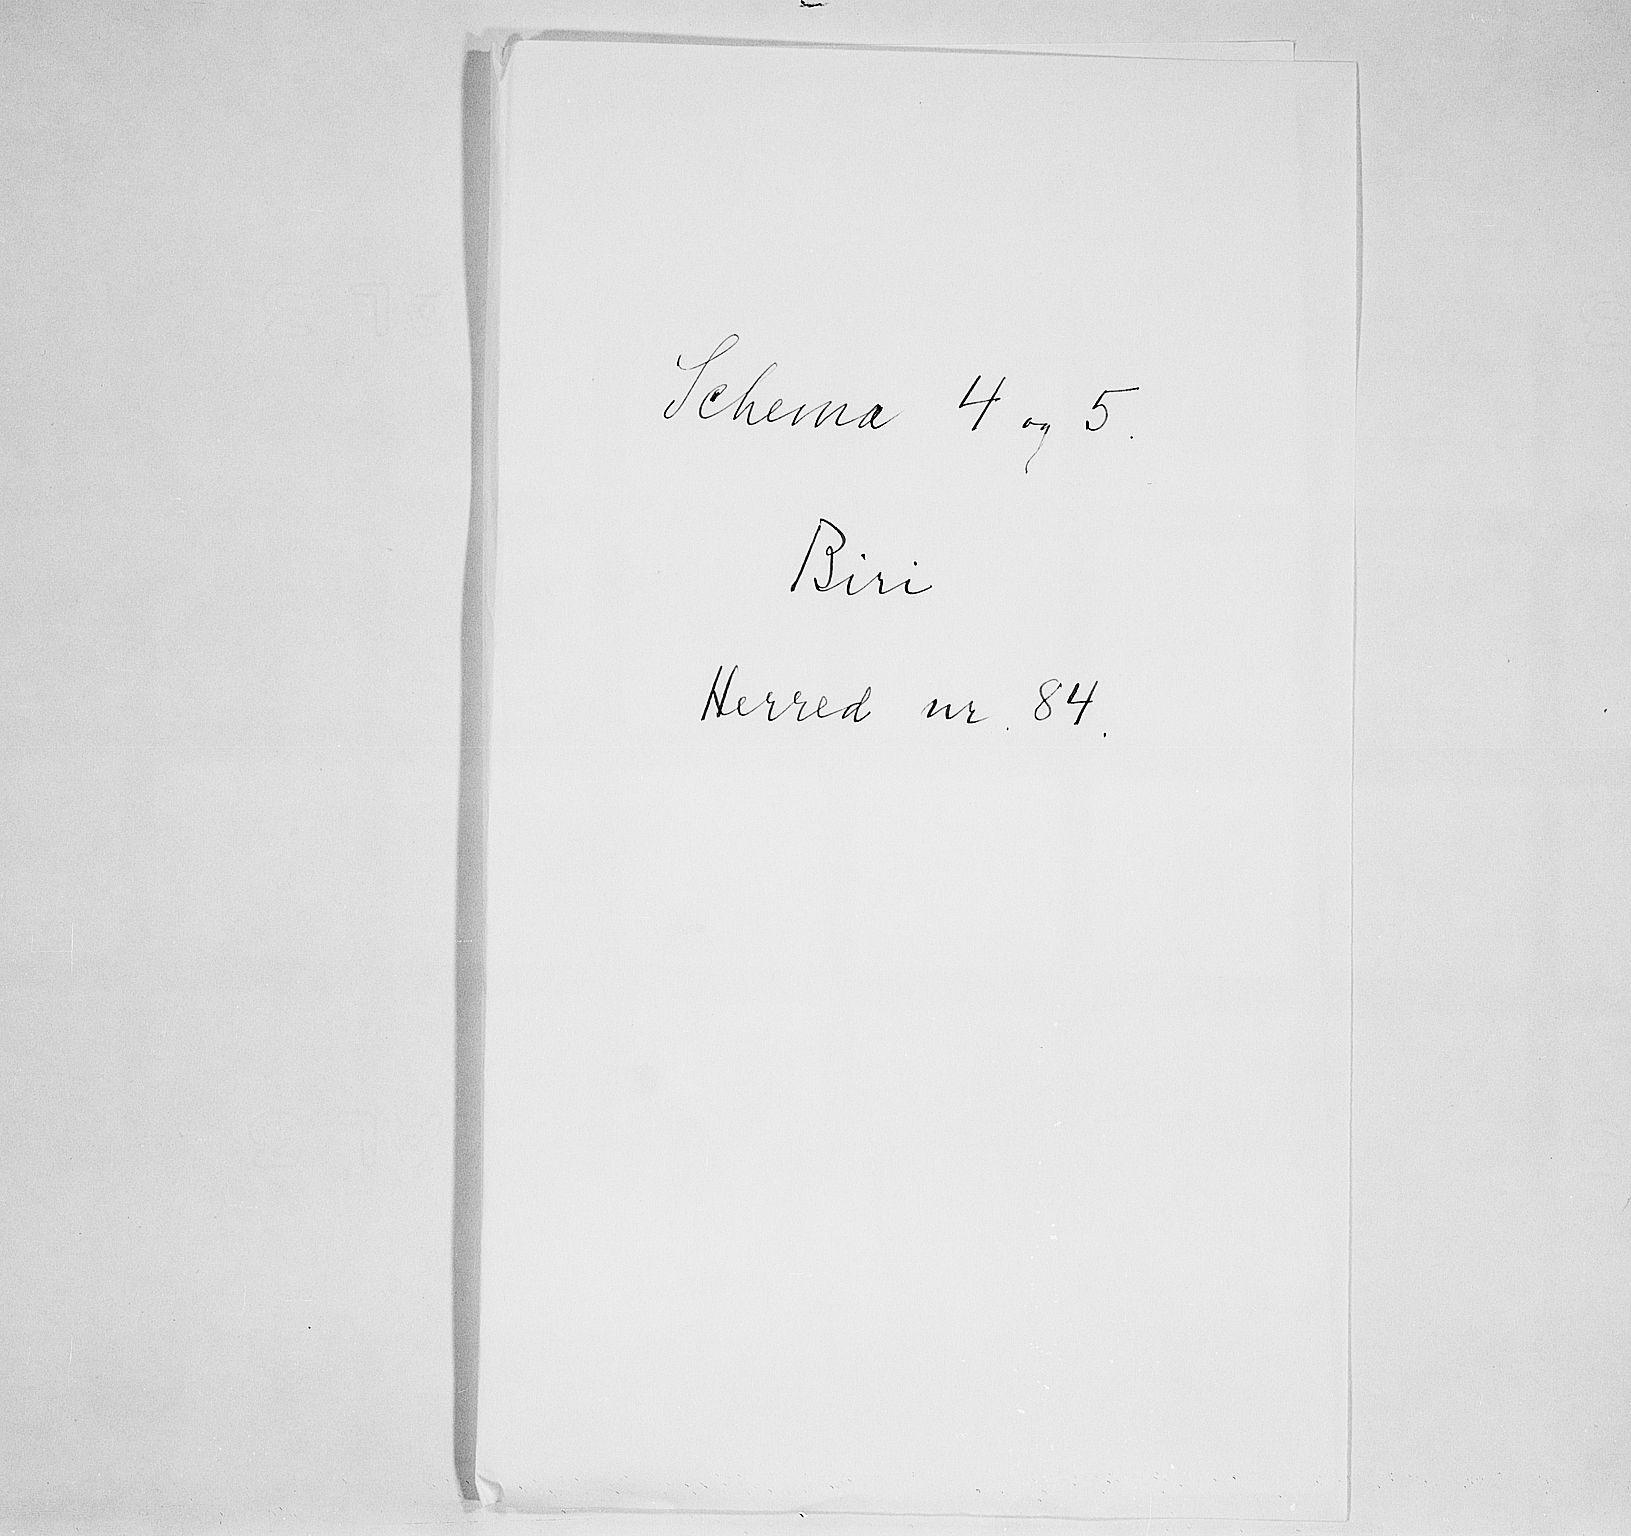 SAH, Folketelling 1900 for 0525 Biri herred, 1900, s. 1